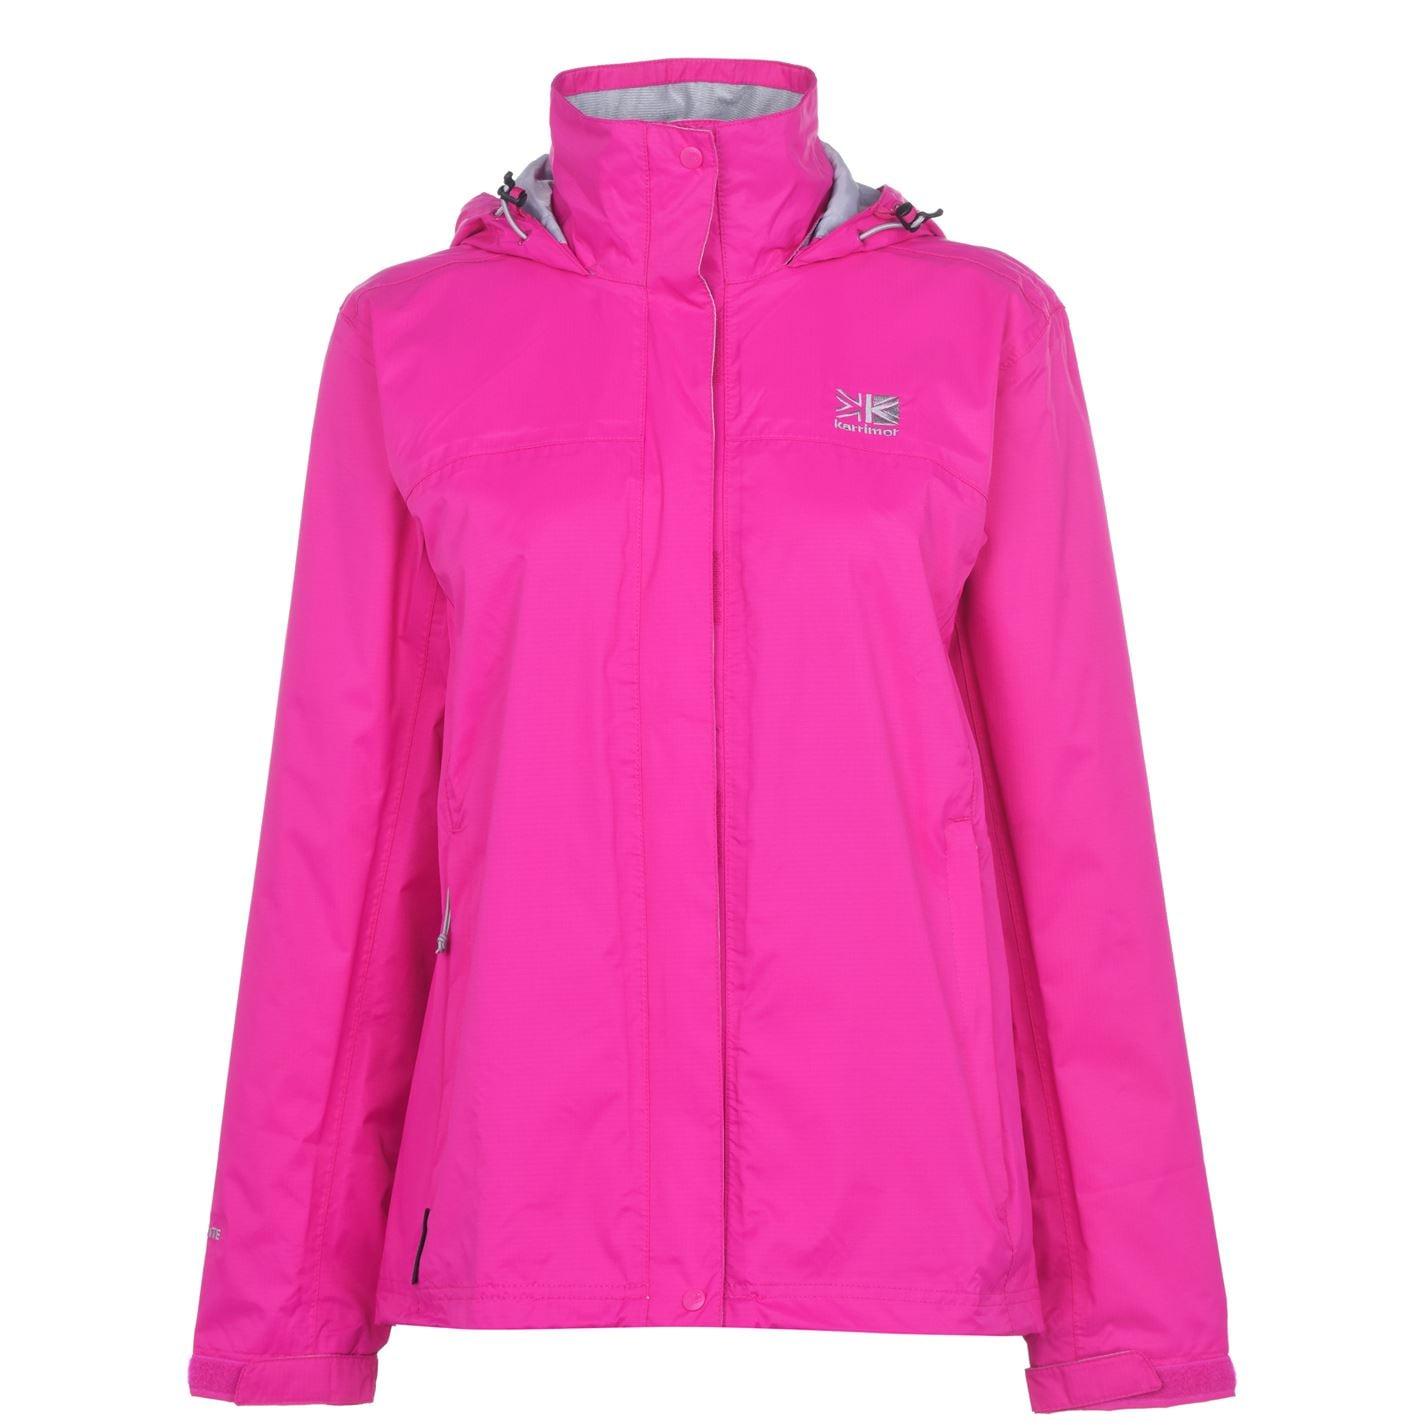 Jacheta Karrimor Sierra Weathertite pentru Femei roz